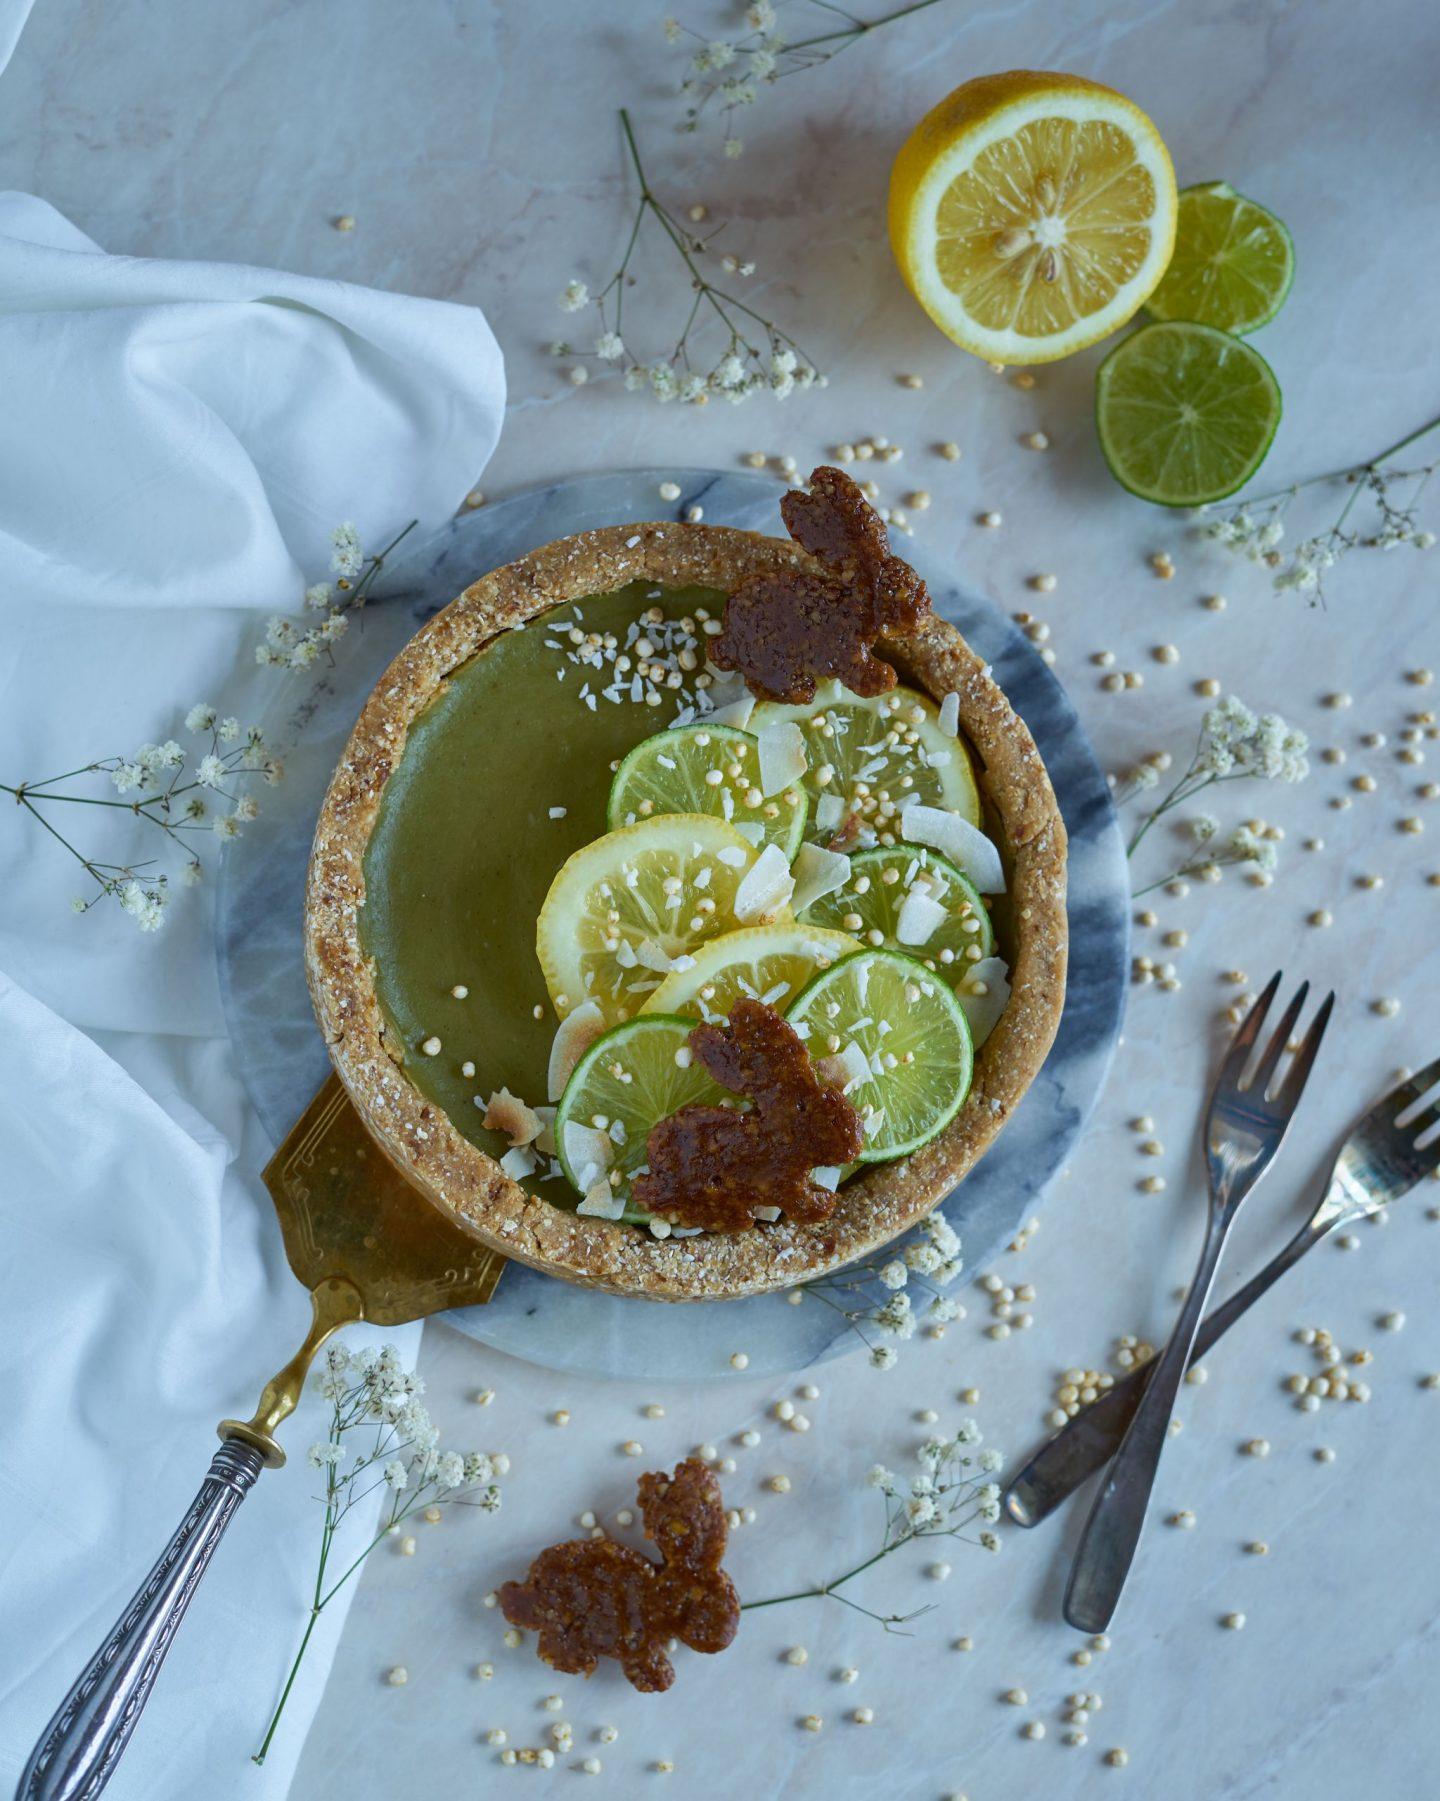 Matcha-Limetten-Frühlings-No-bake Kuchen (glutenfrei)